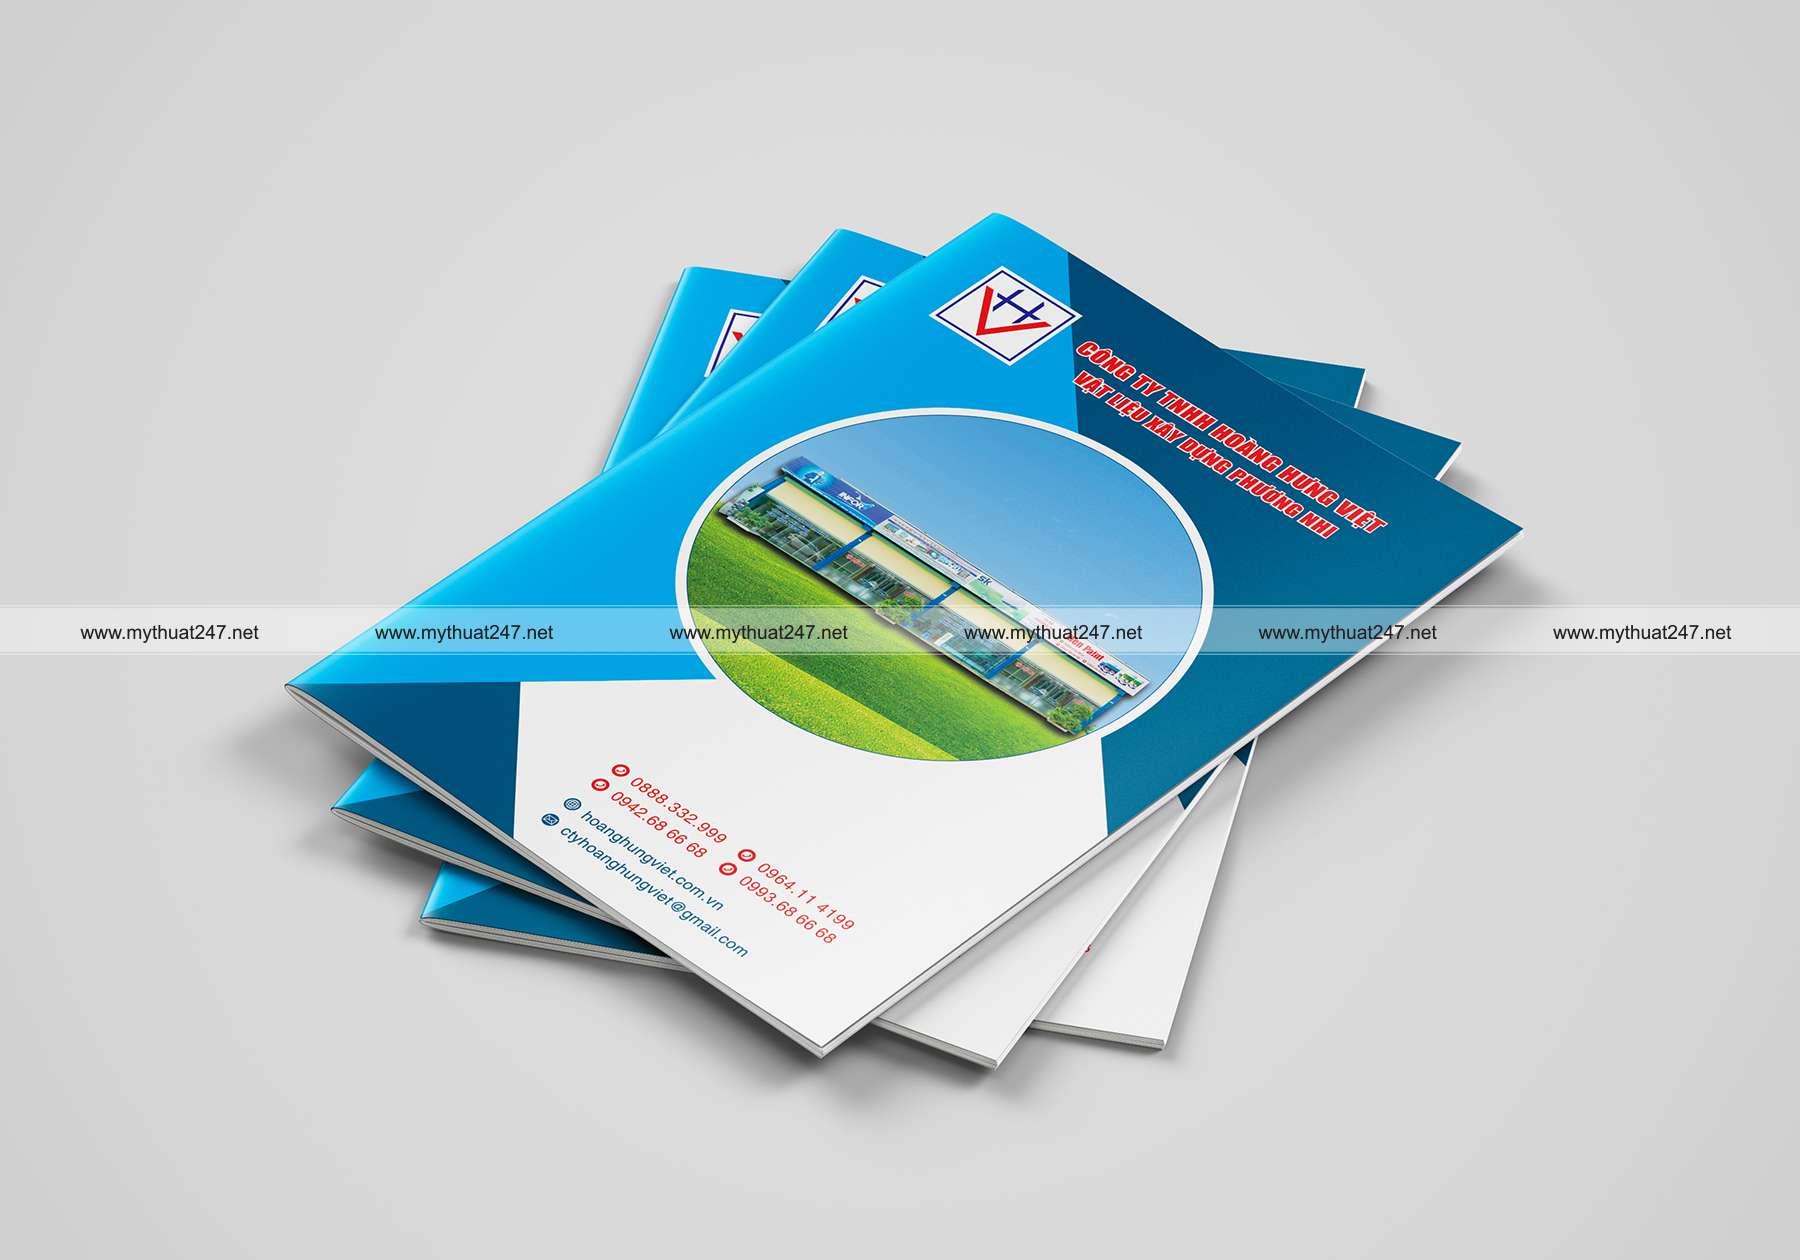 Thiết kế cataloge công ty tnhh hoàng hưng việt - vật liệu xây dựng phương nhi